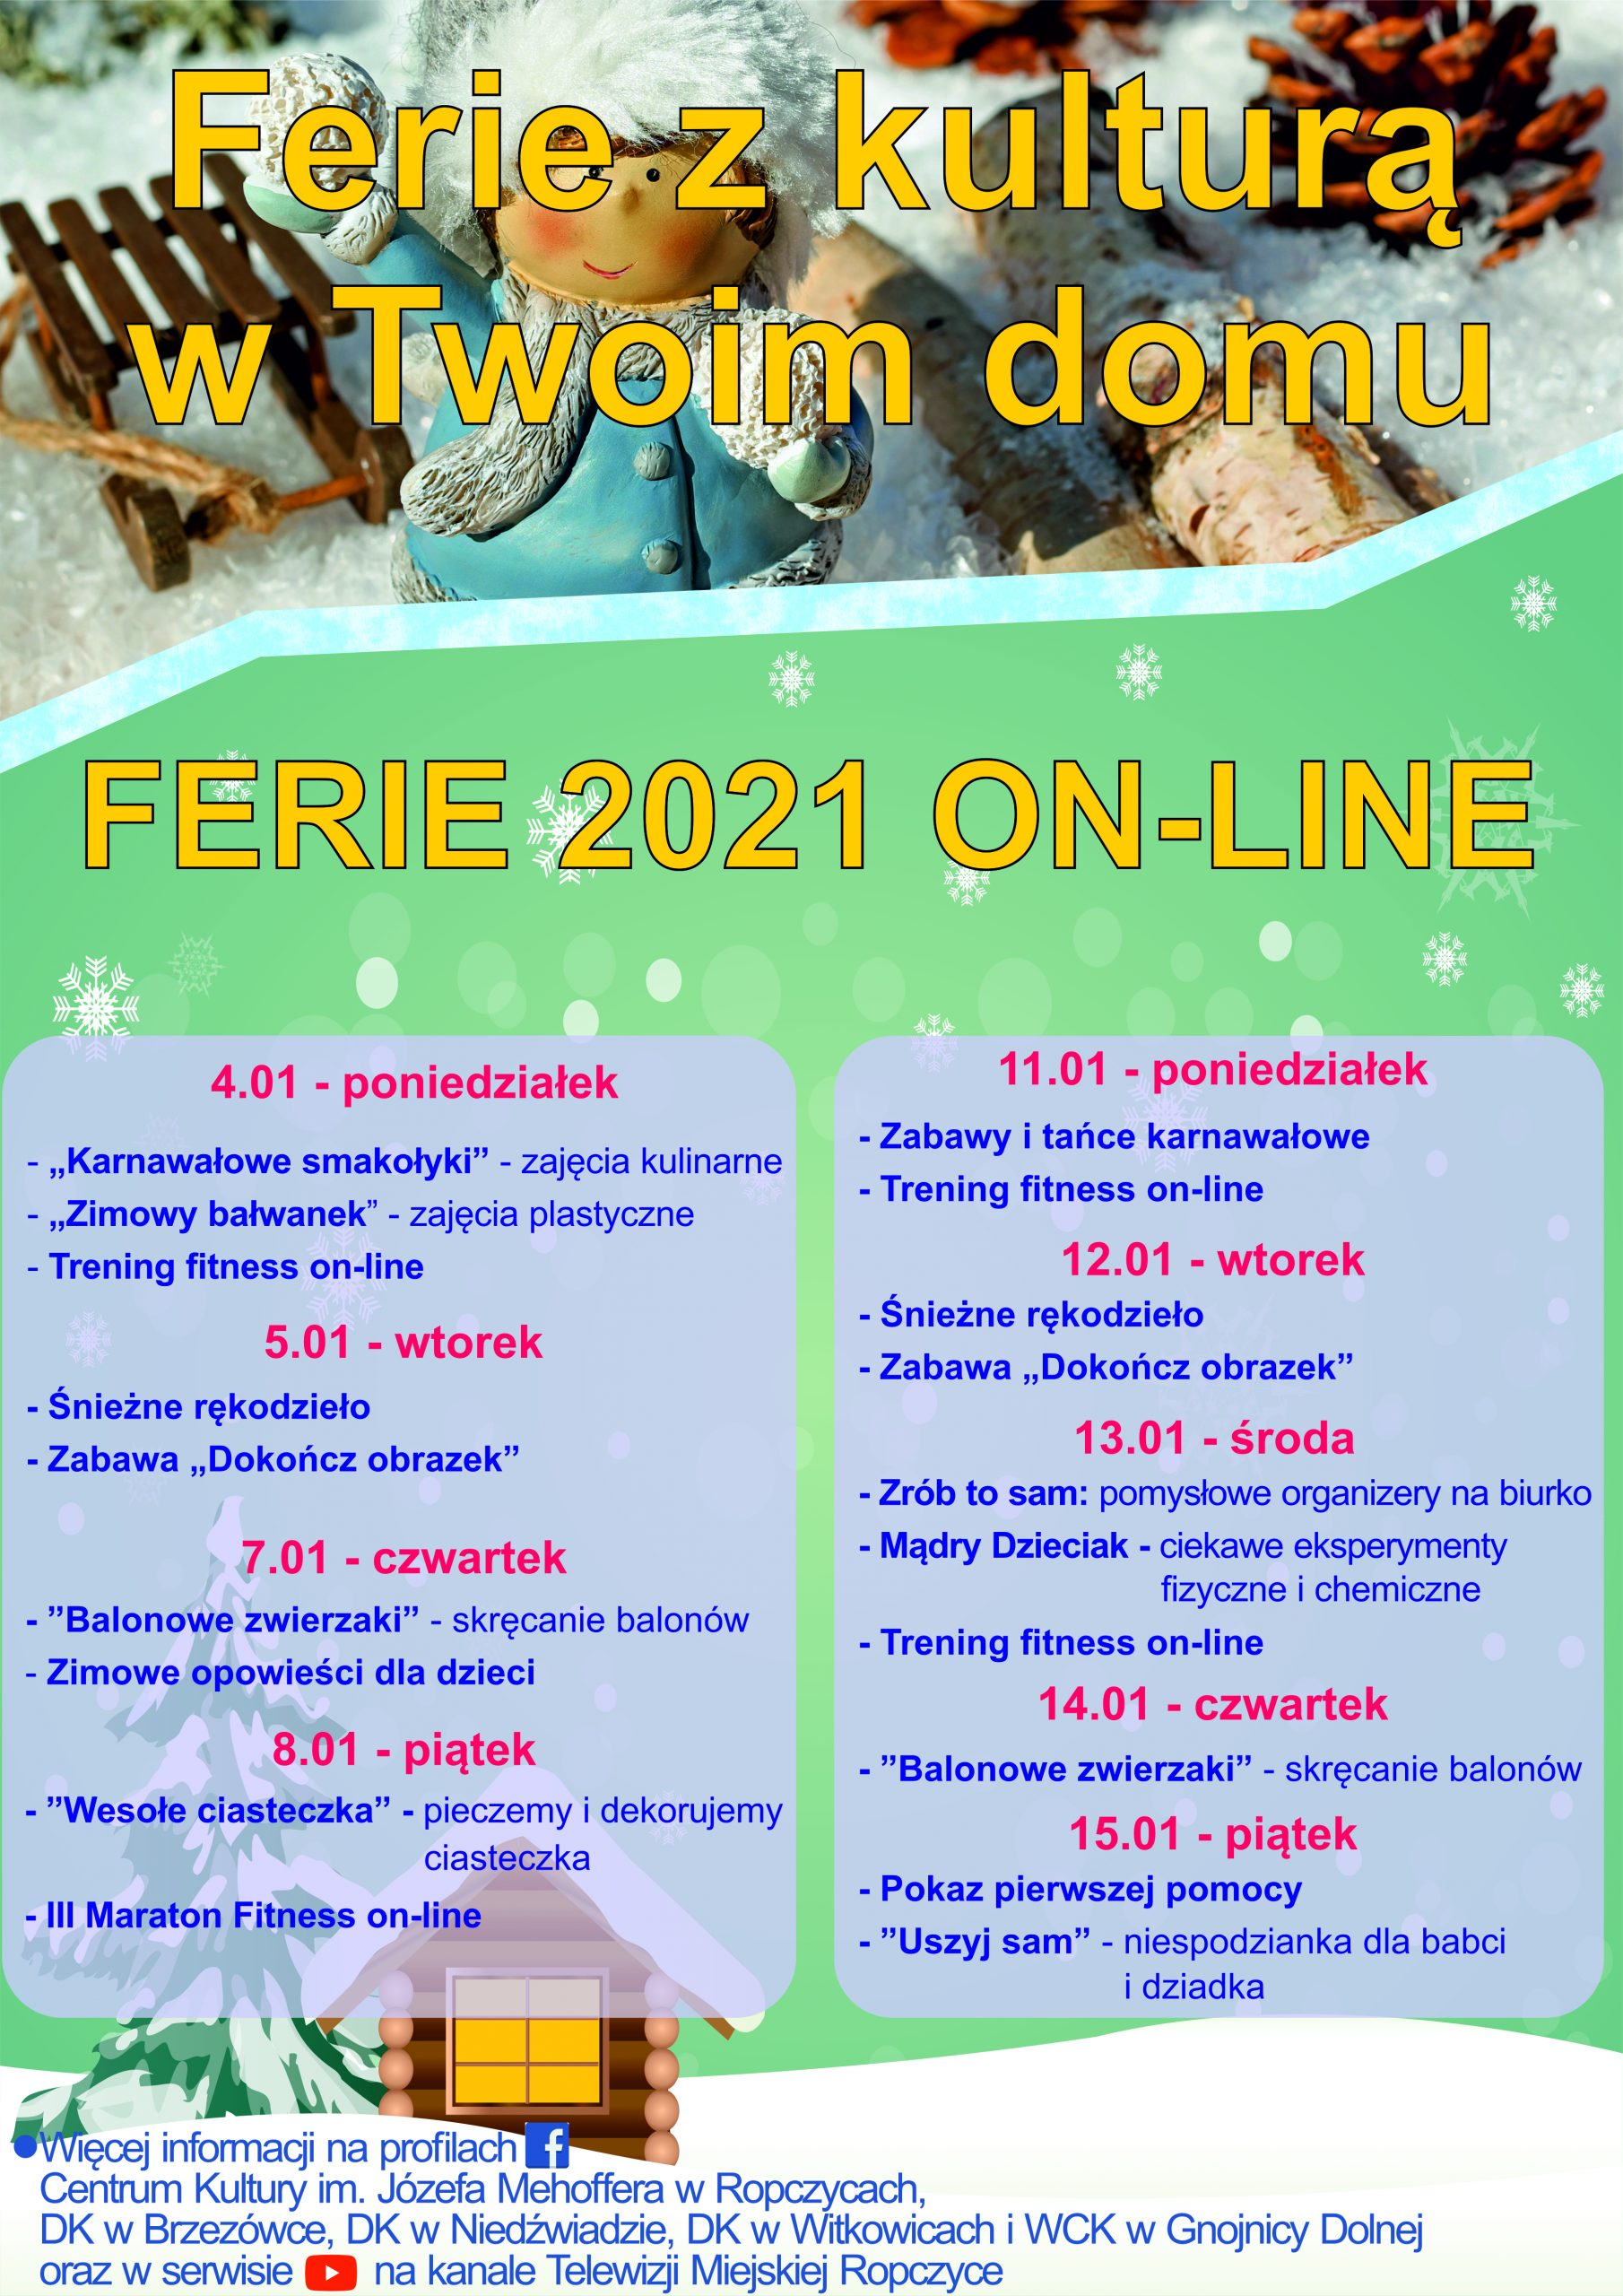 ferie-2021-scaled.jpg